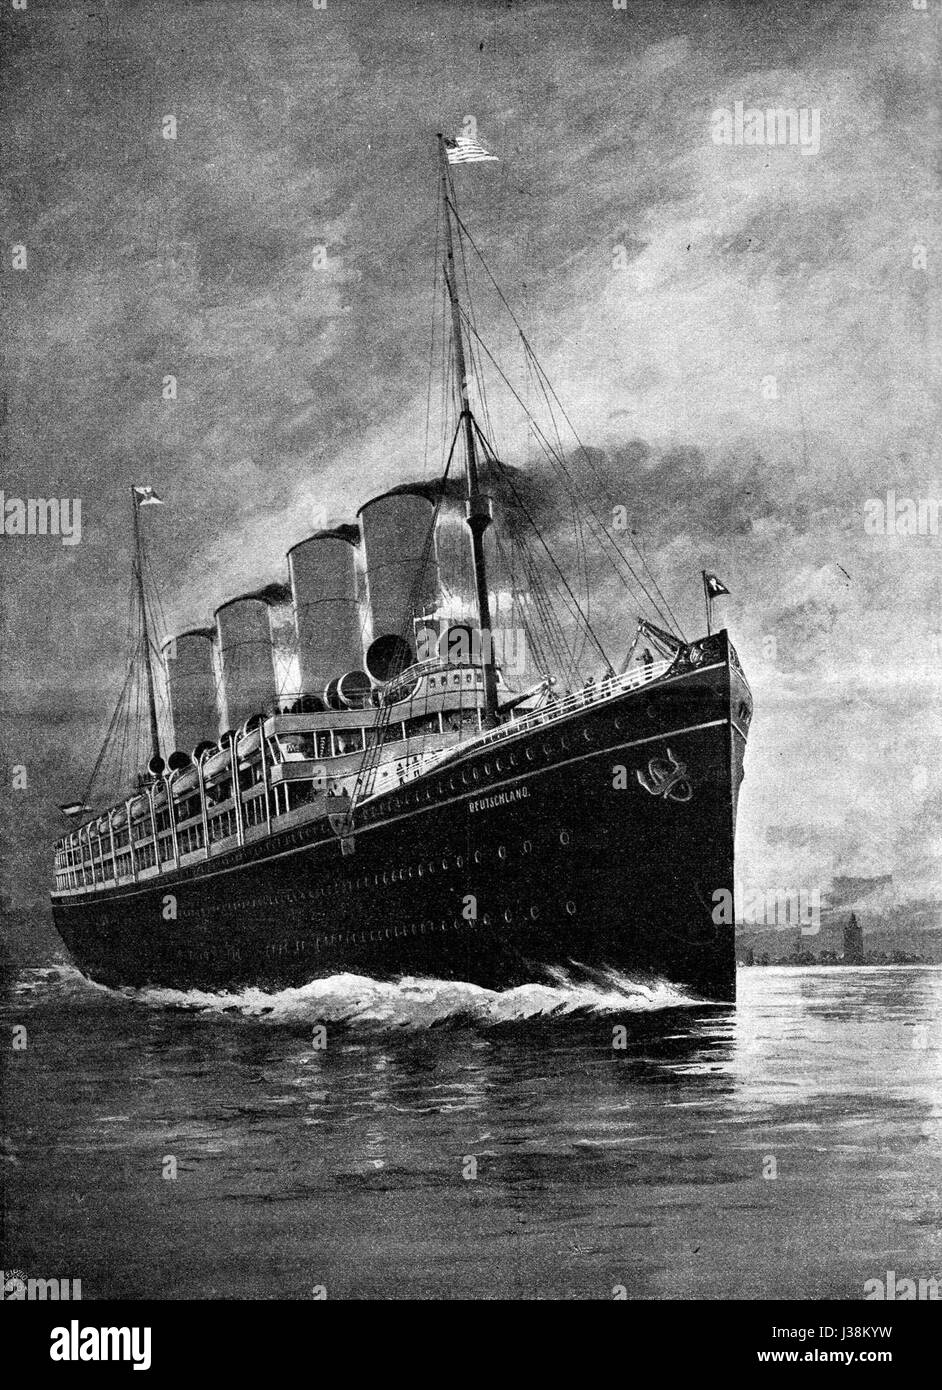 Dampfschiff Deutschland 00 Stock Photo 139718205 Alamy